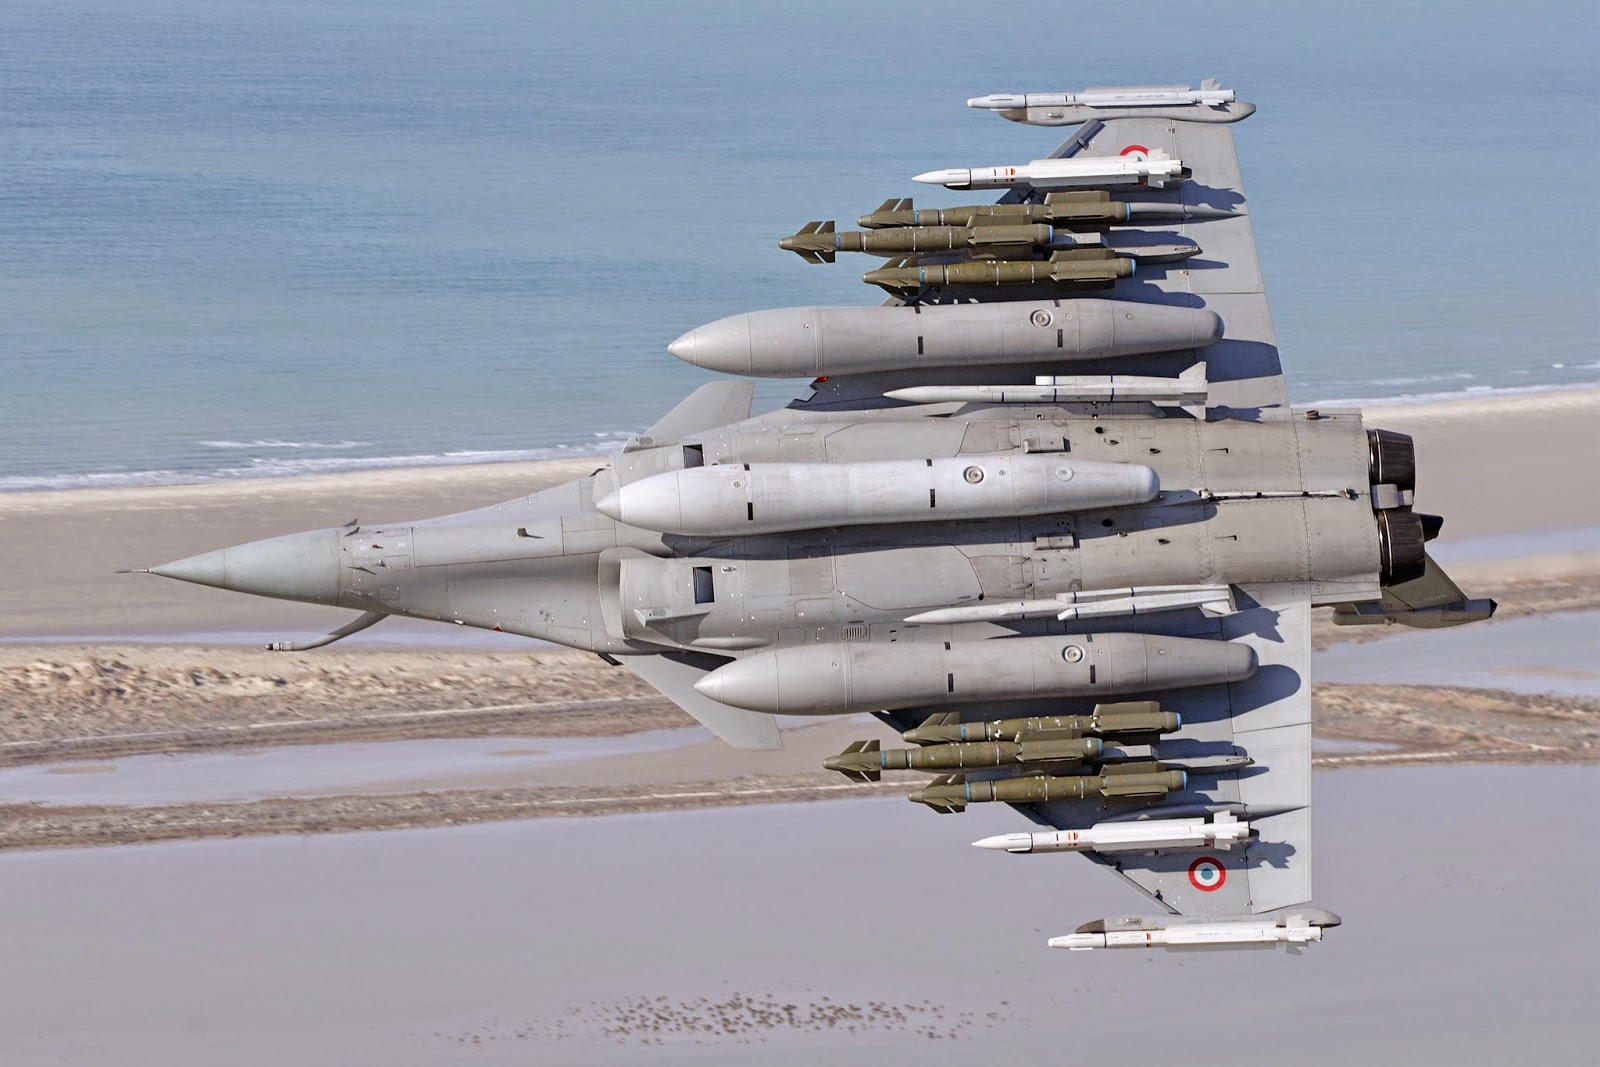 باريس والقاهرة على وشك الإتفاق على 24 مقاتلة رافال وفرقاطة فريم - صفحة 5 TnHF6t%2B%D9%84%D8%A7%D8%BA%D8%AA%D8%B5%D8%A7%D8%A8%2B%D8%A7%D9%84%D8%AD%D9%88%D9%8A